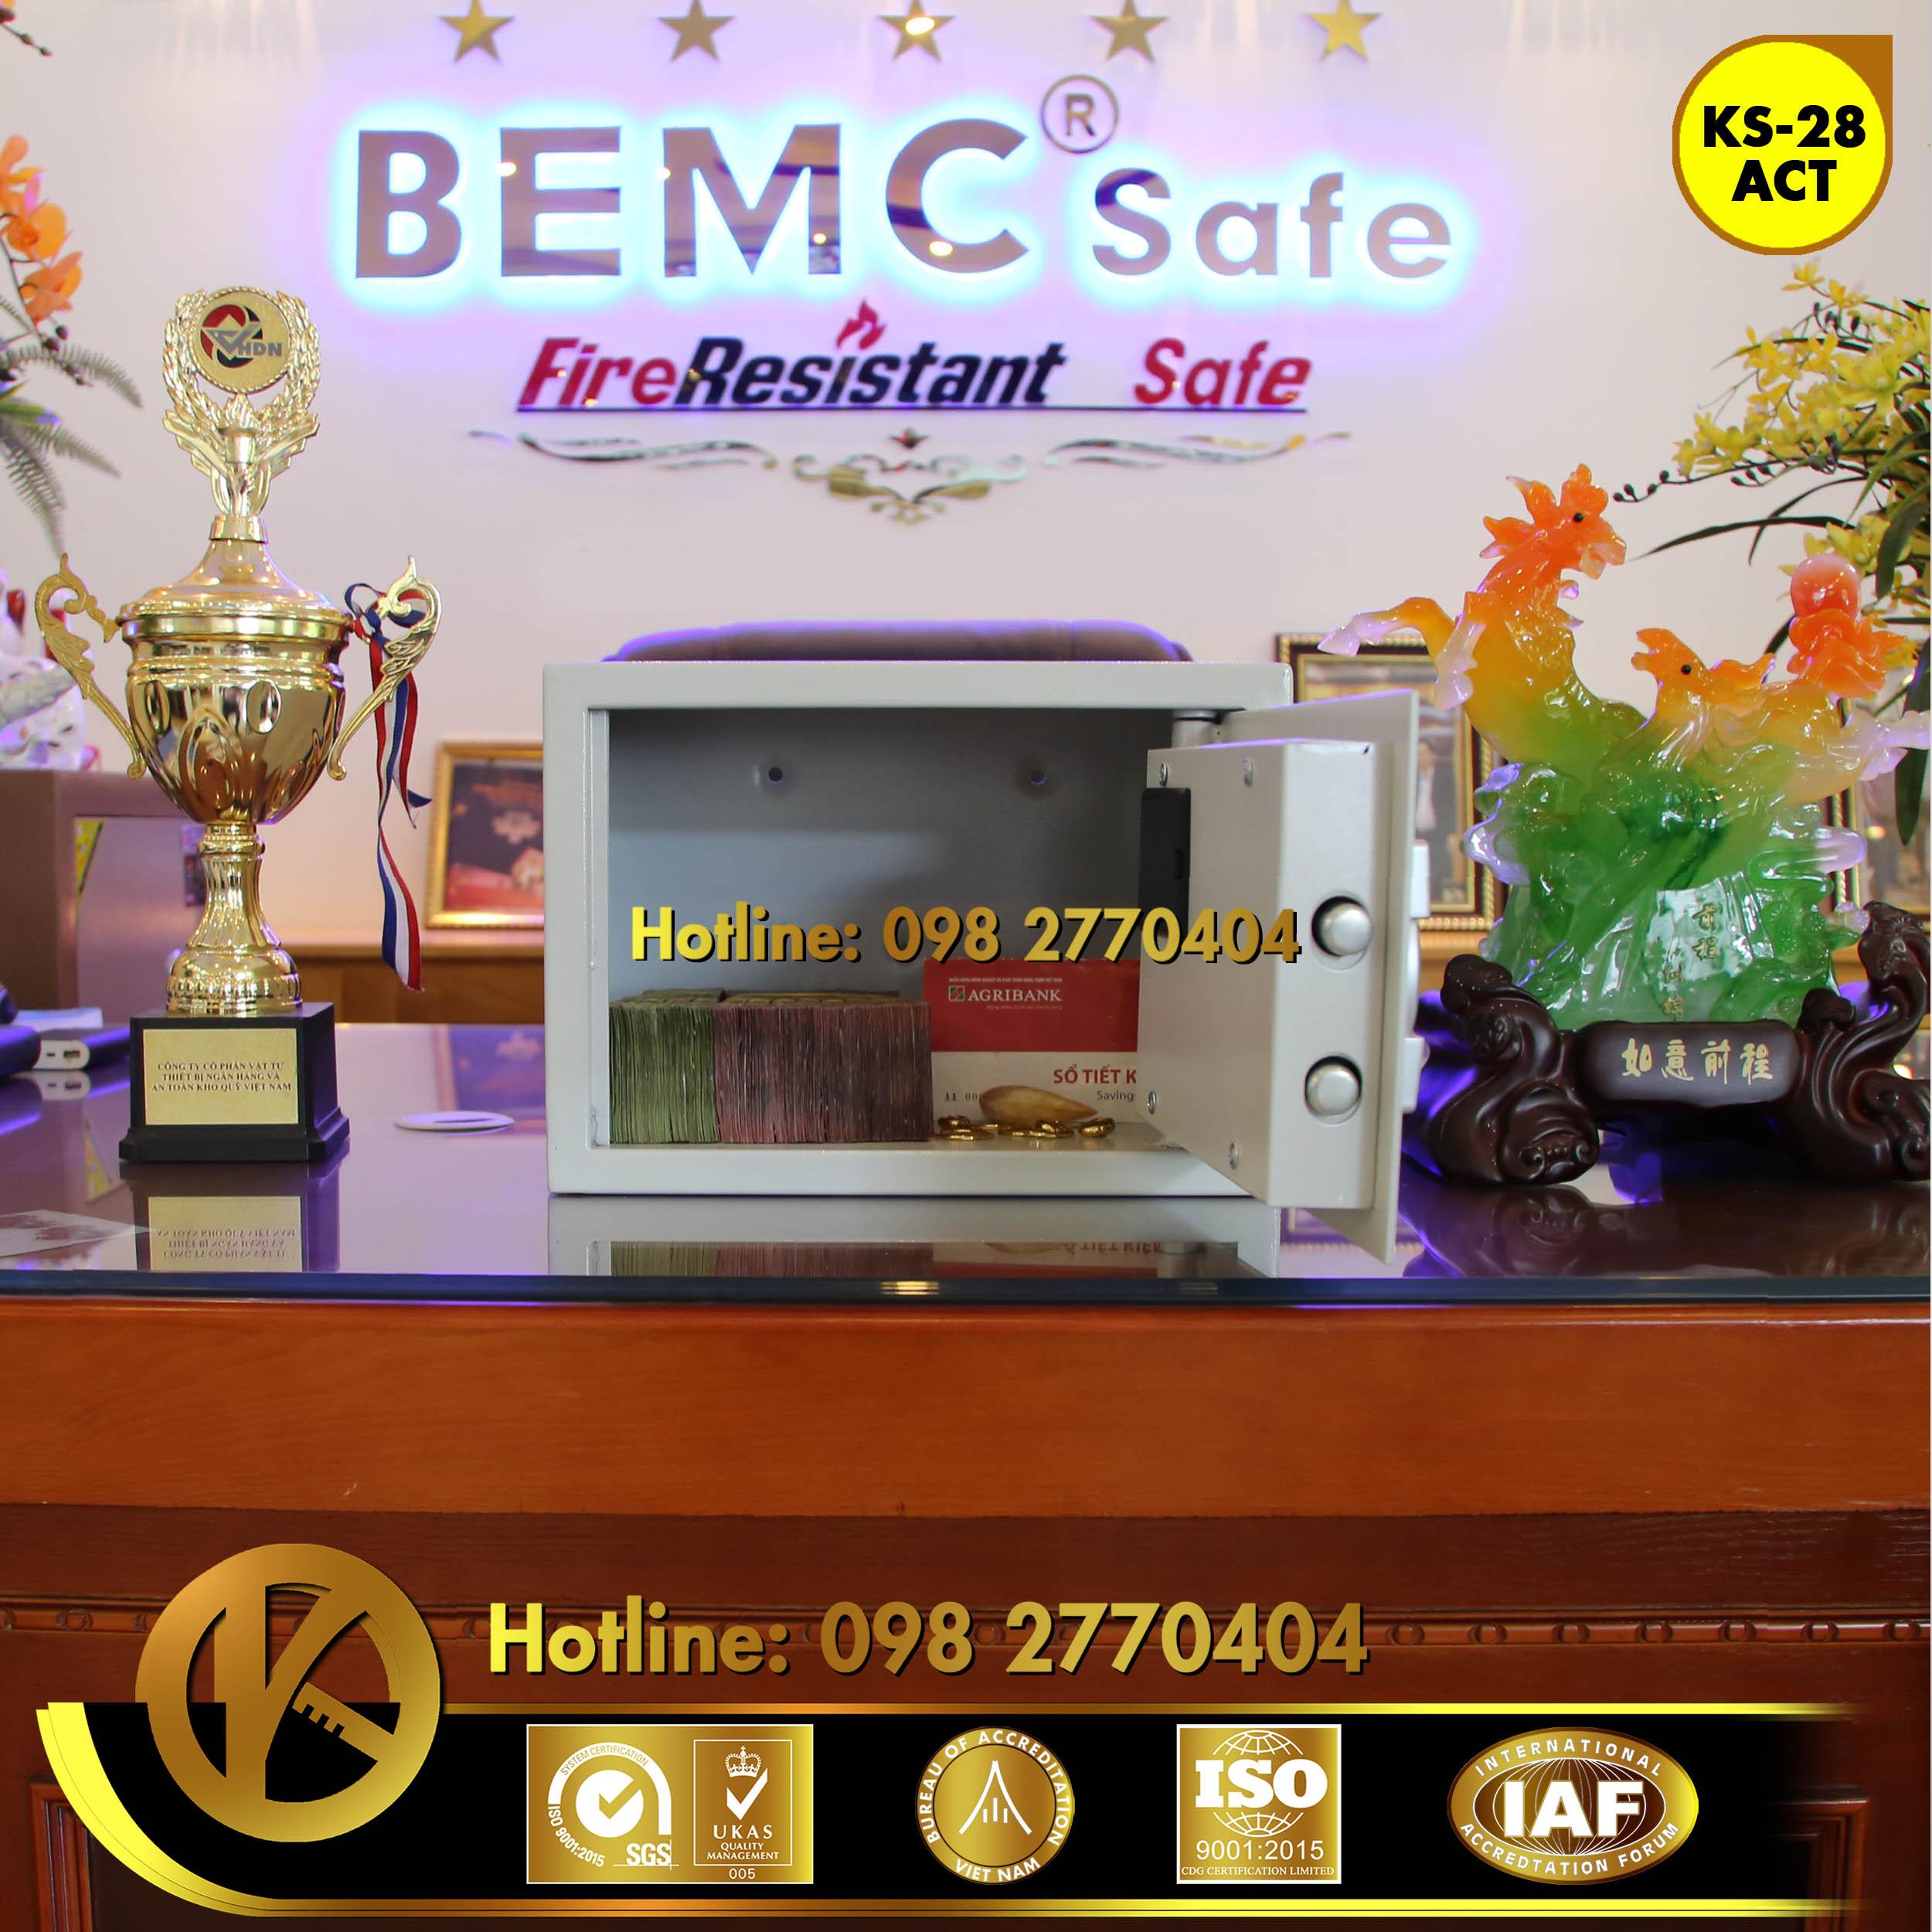 nhà cung cấp két sắt khách sạn WELKO Hotel Safe Ghềnh đá đĩa Phú Yên